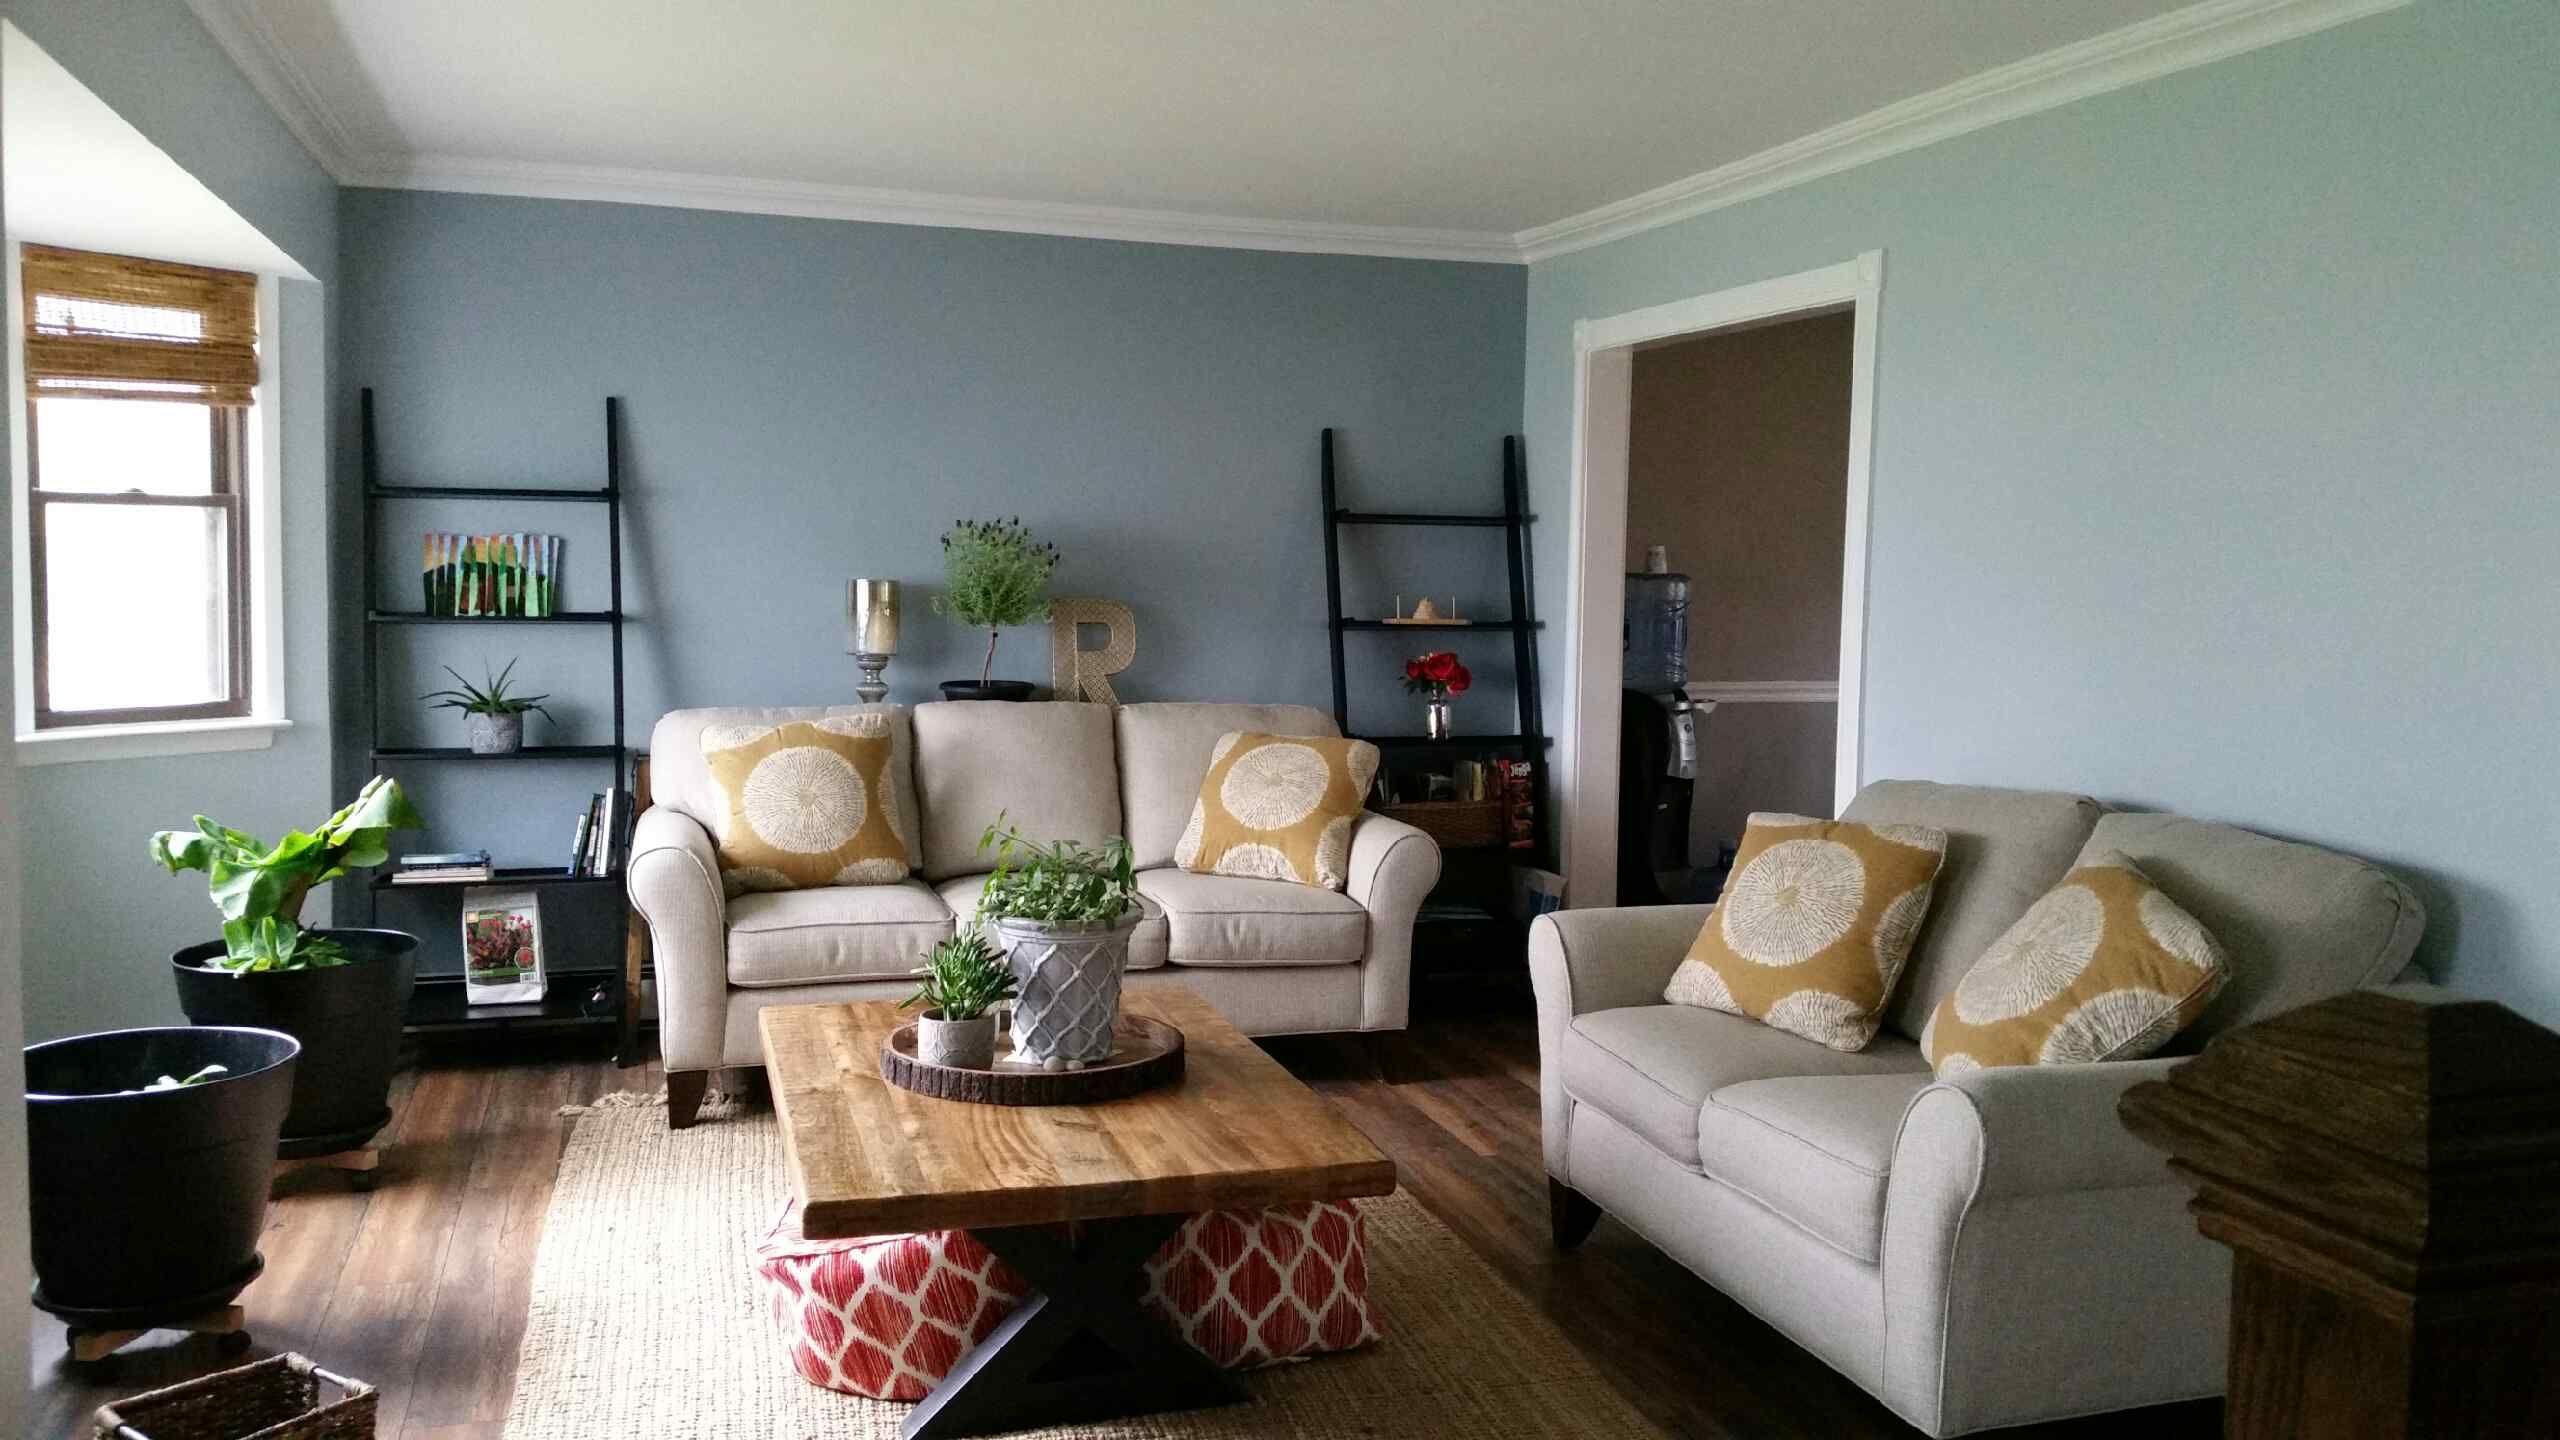 French Beret Bm Family Room Design Brown Living Room Decor Family Room